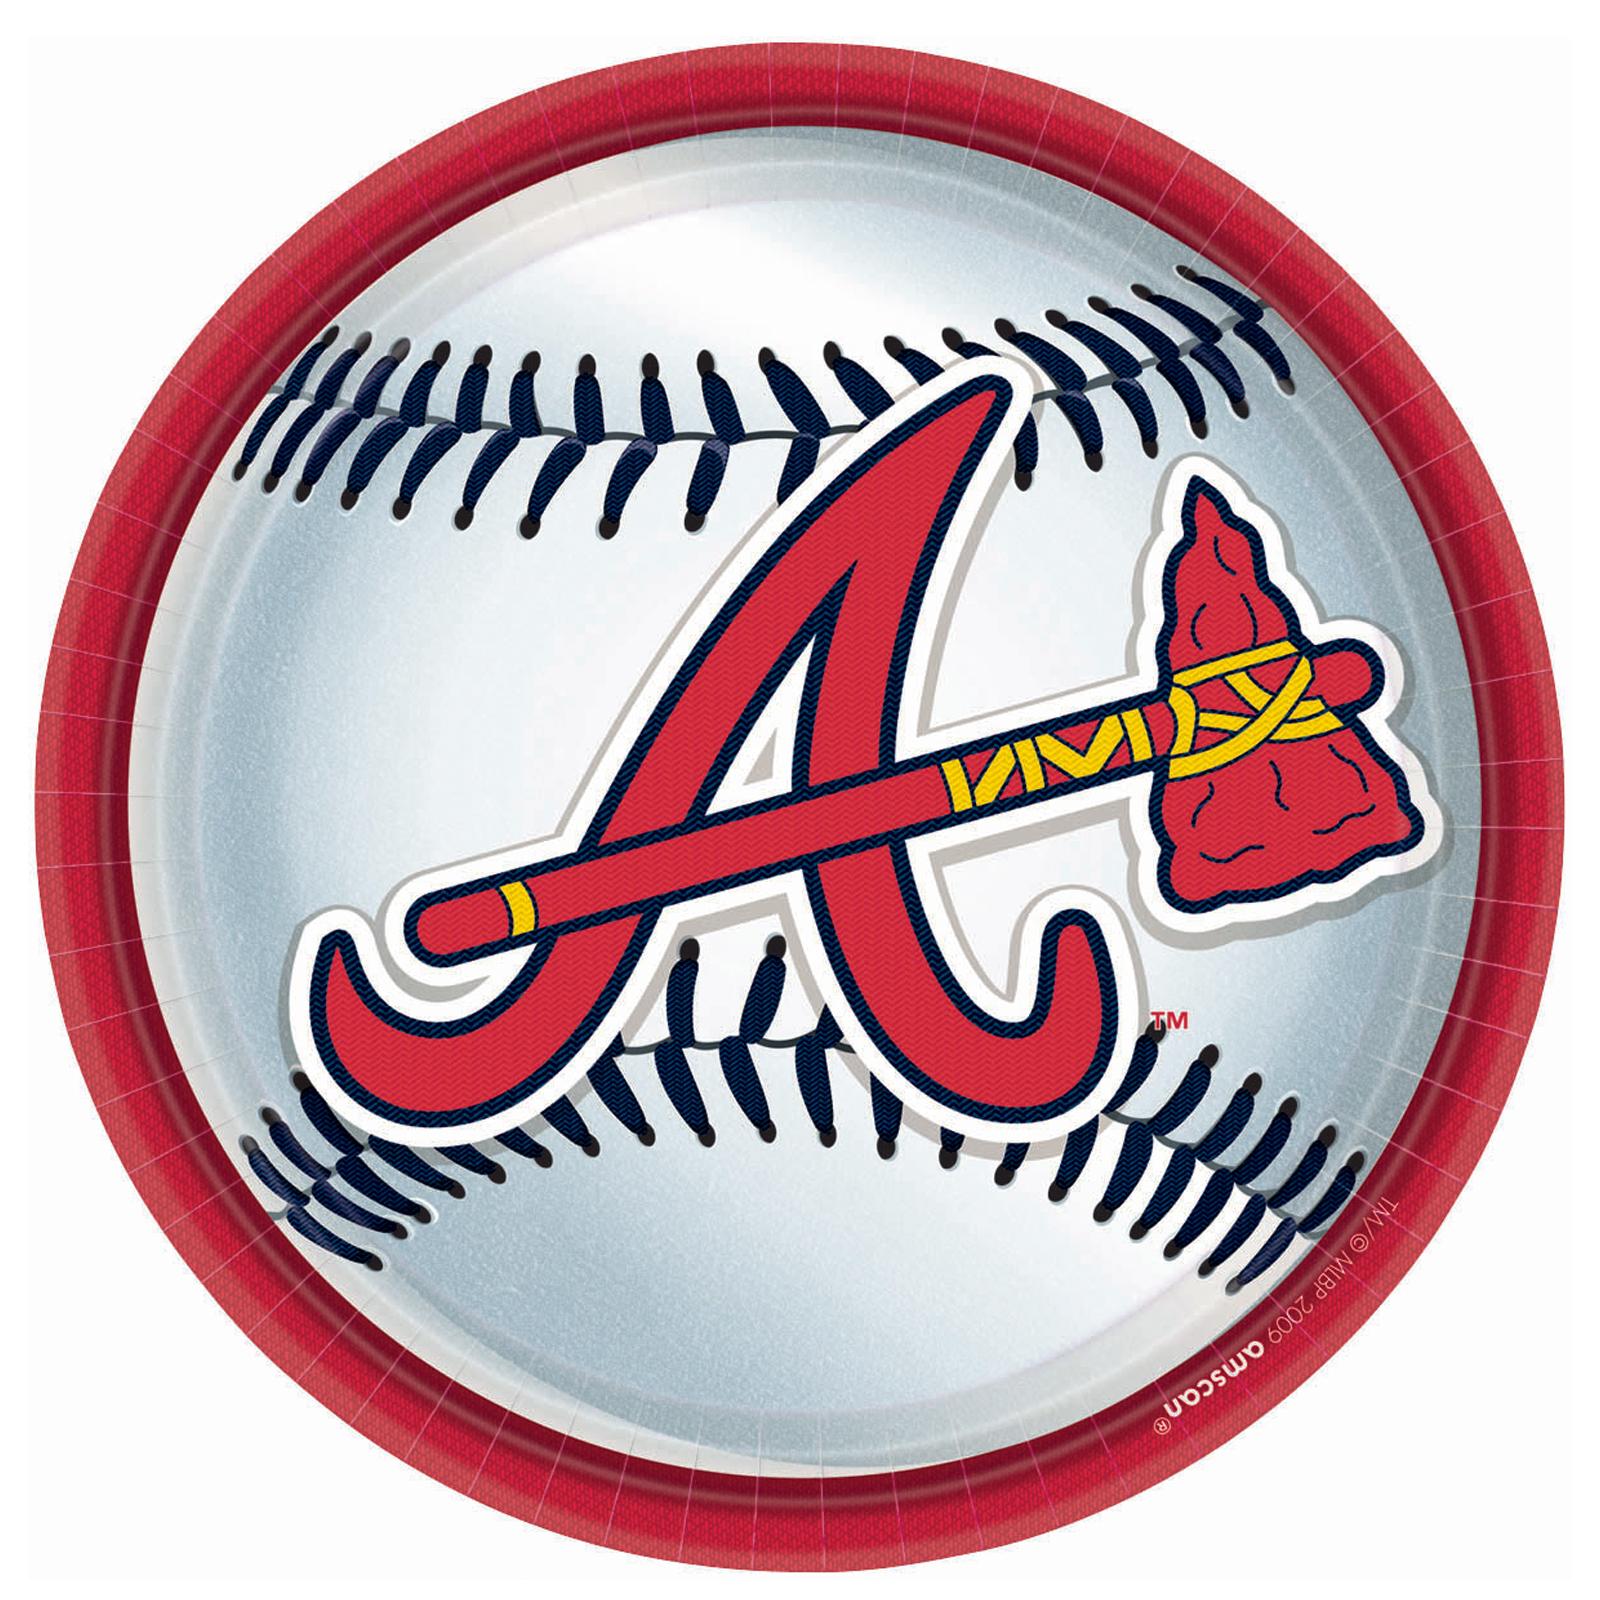 Atlanta Braves Baseball Png & Free Atlanta Braves Baseball.png.